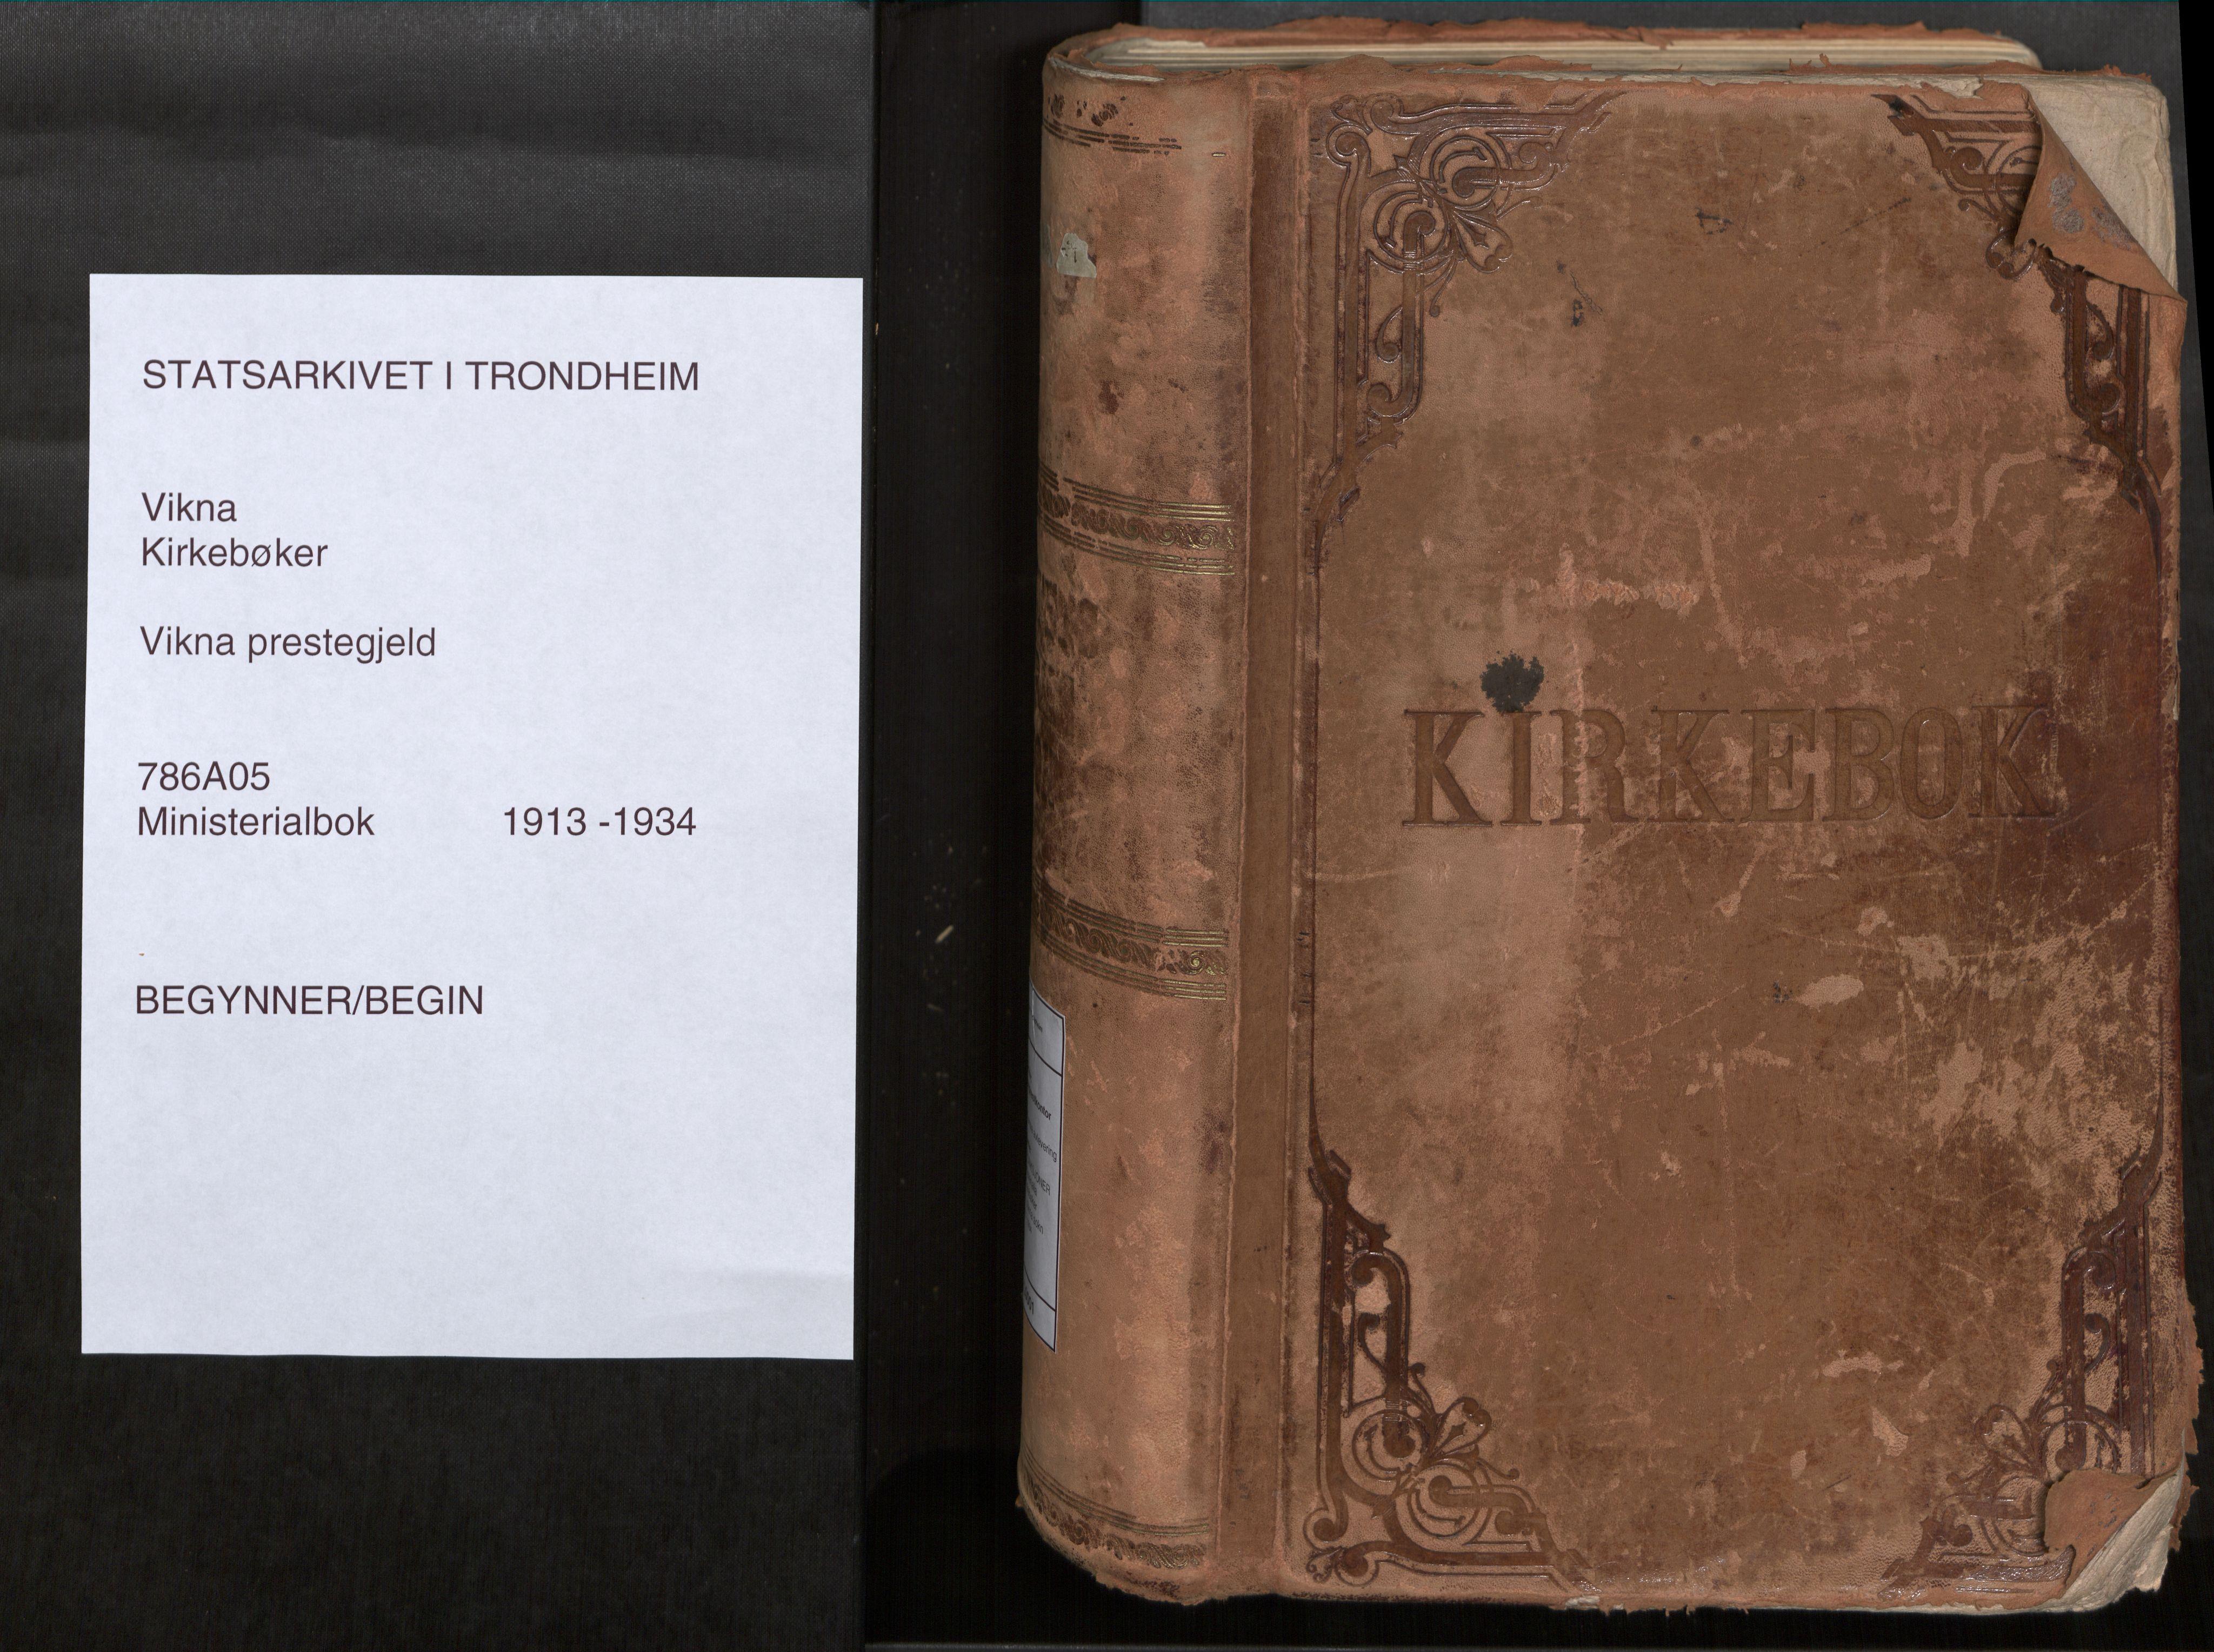 SAT, Vikna sokneprestkontor*, Parish register (official) no. 1, 1913-1934